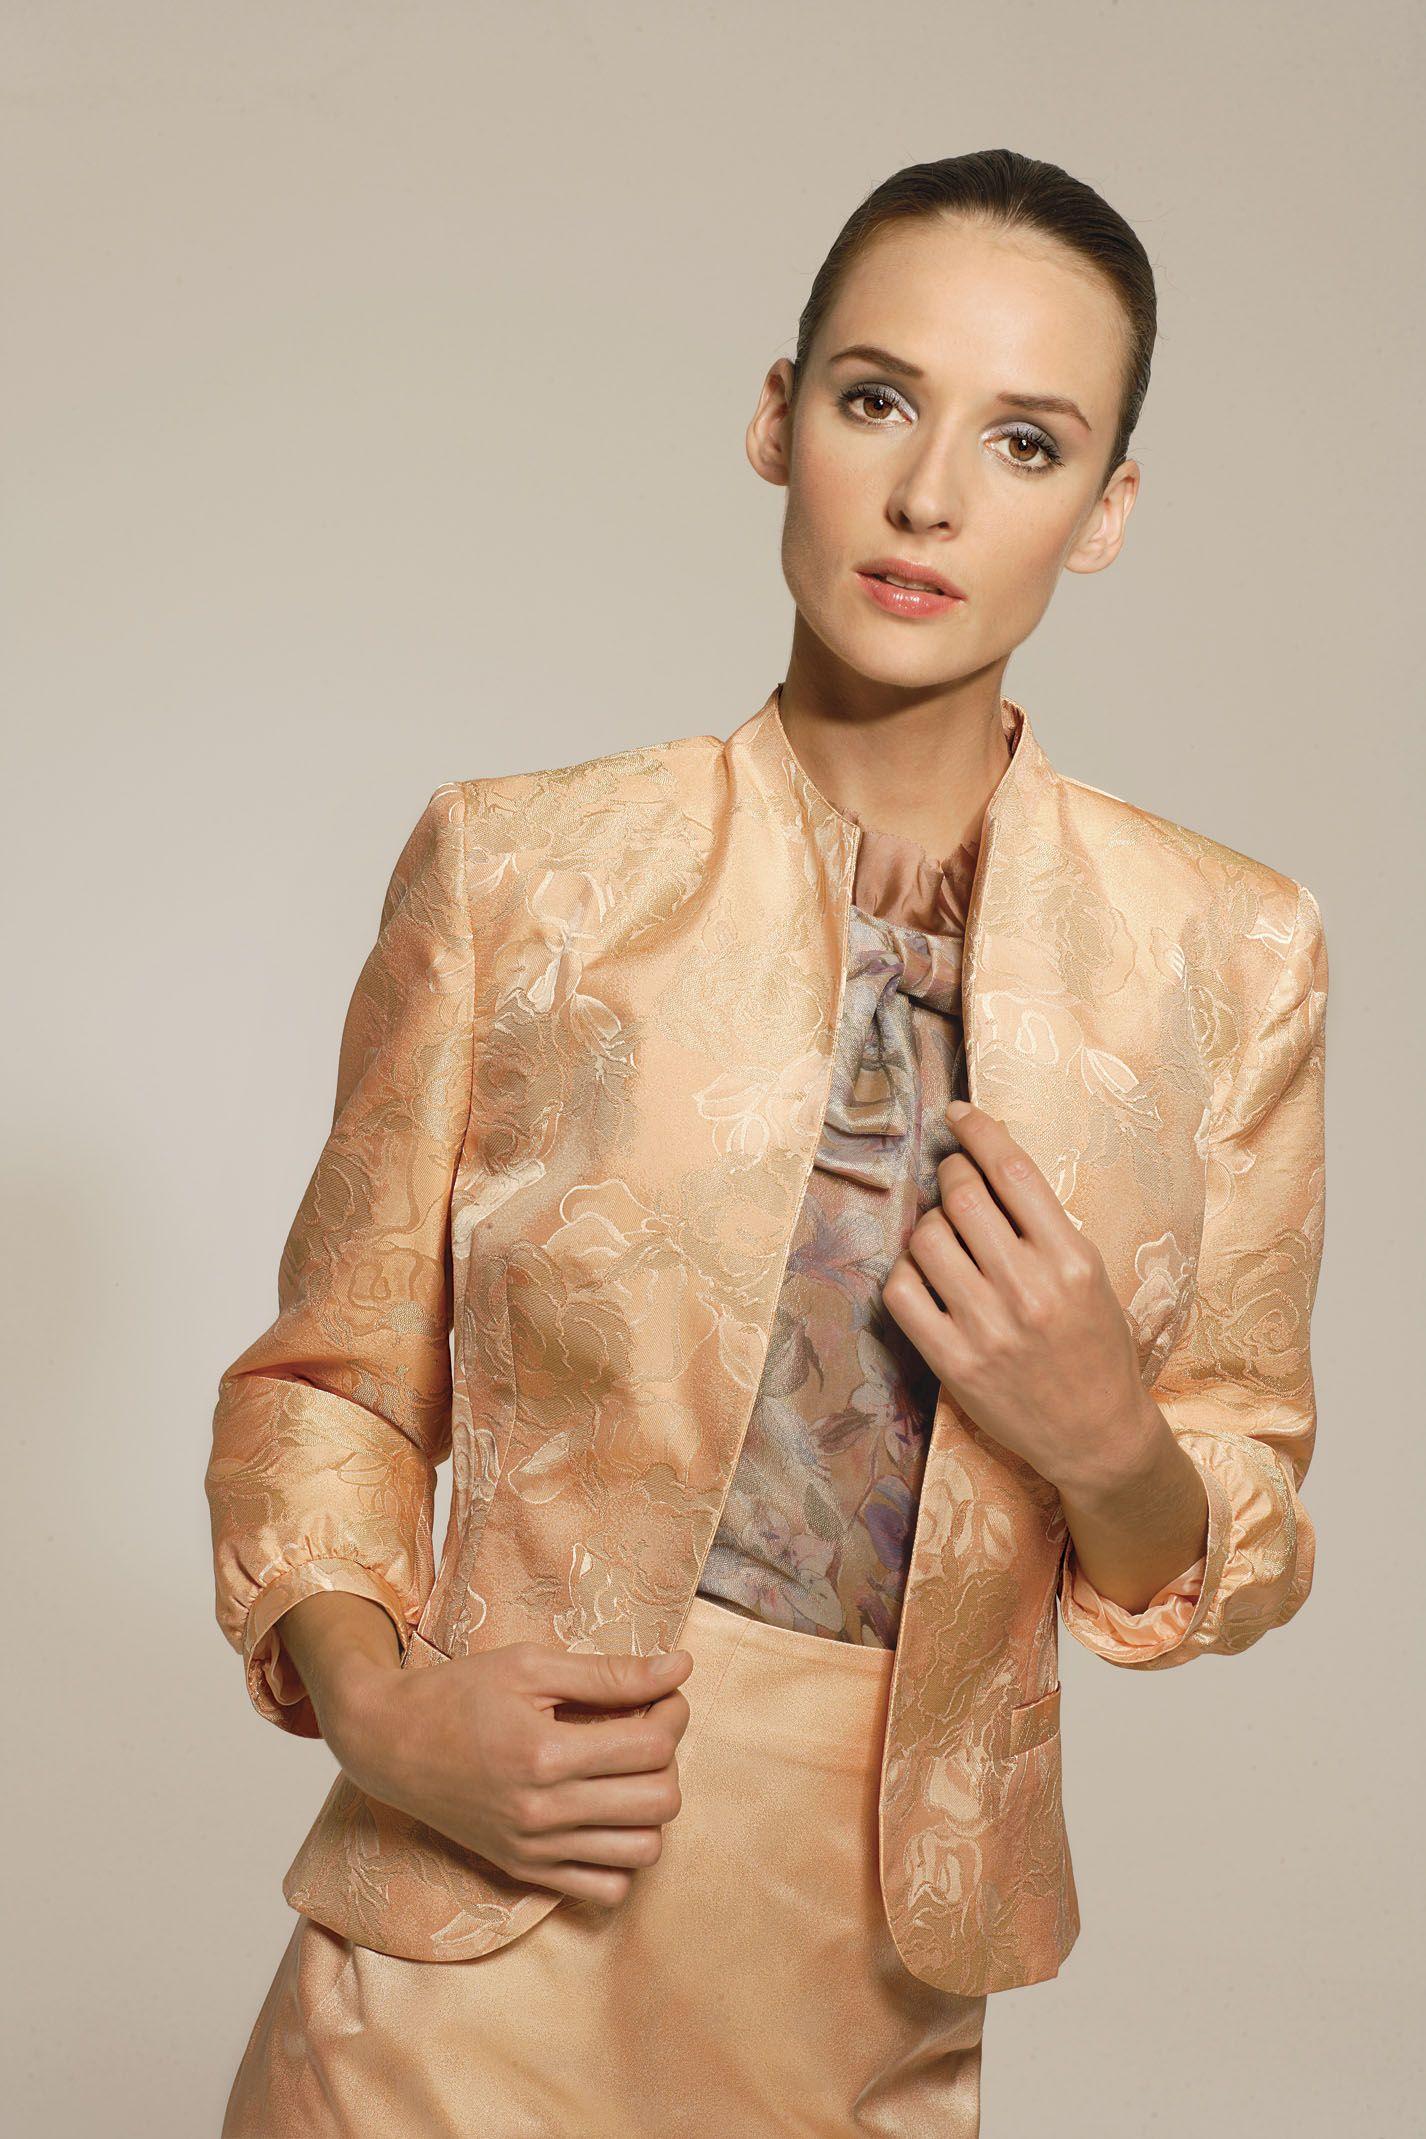 b1ccba81fe85 tailleur elegante color salmone in tessuto elaborato